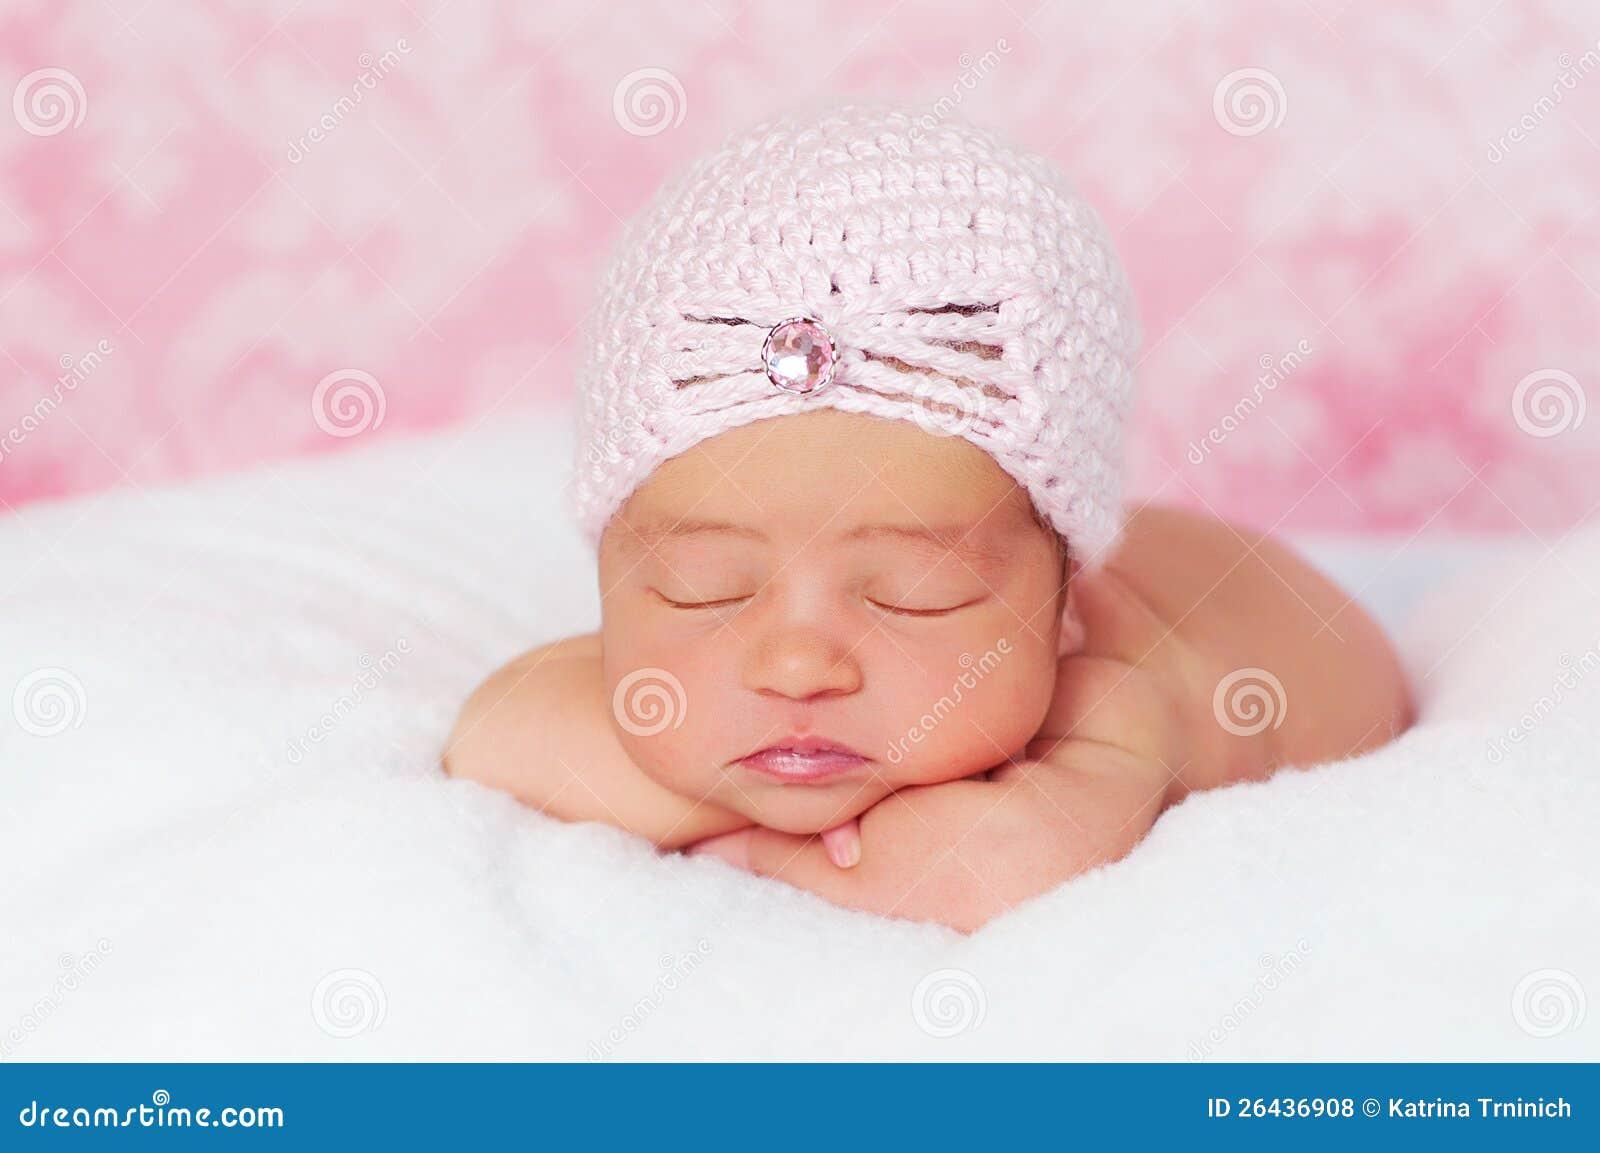 Νεογέννητο κοριτσάκι που φορά ένα ρόδινο καπέλο ύφους πτερυγίων